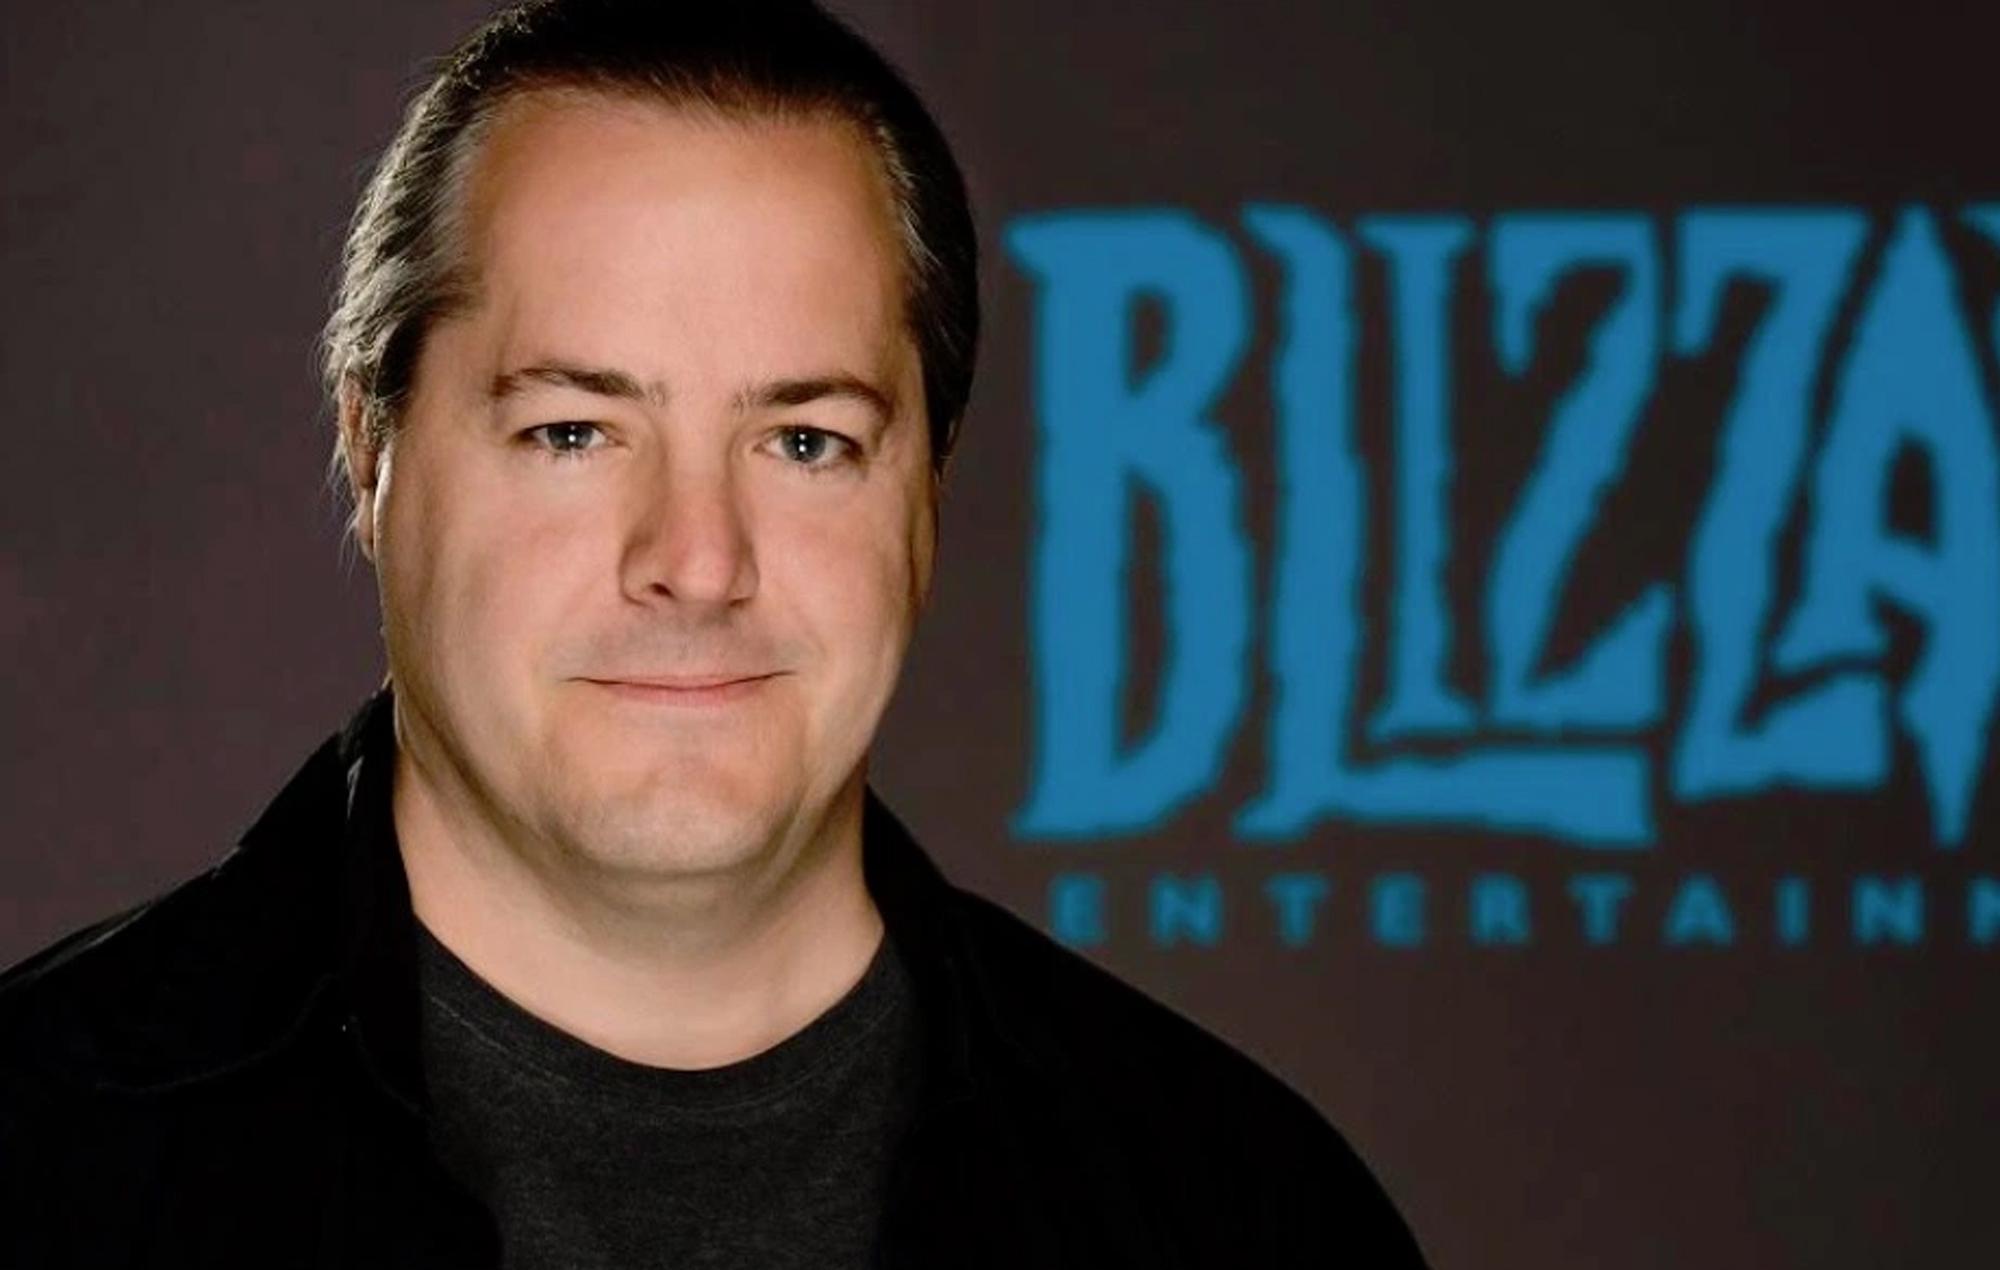 Blizzard Entertainment President J. Allen Brack